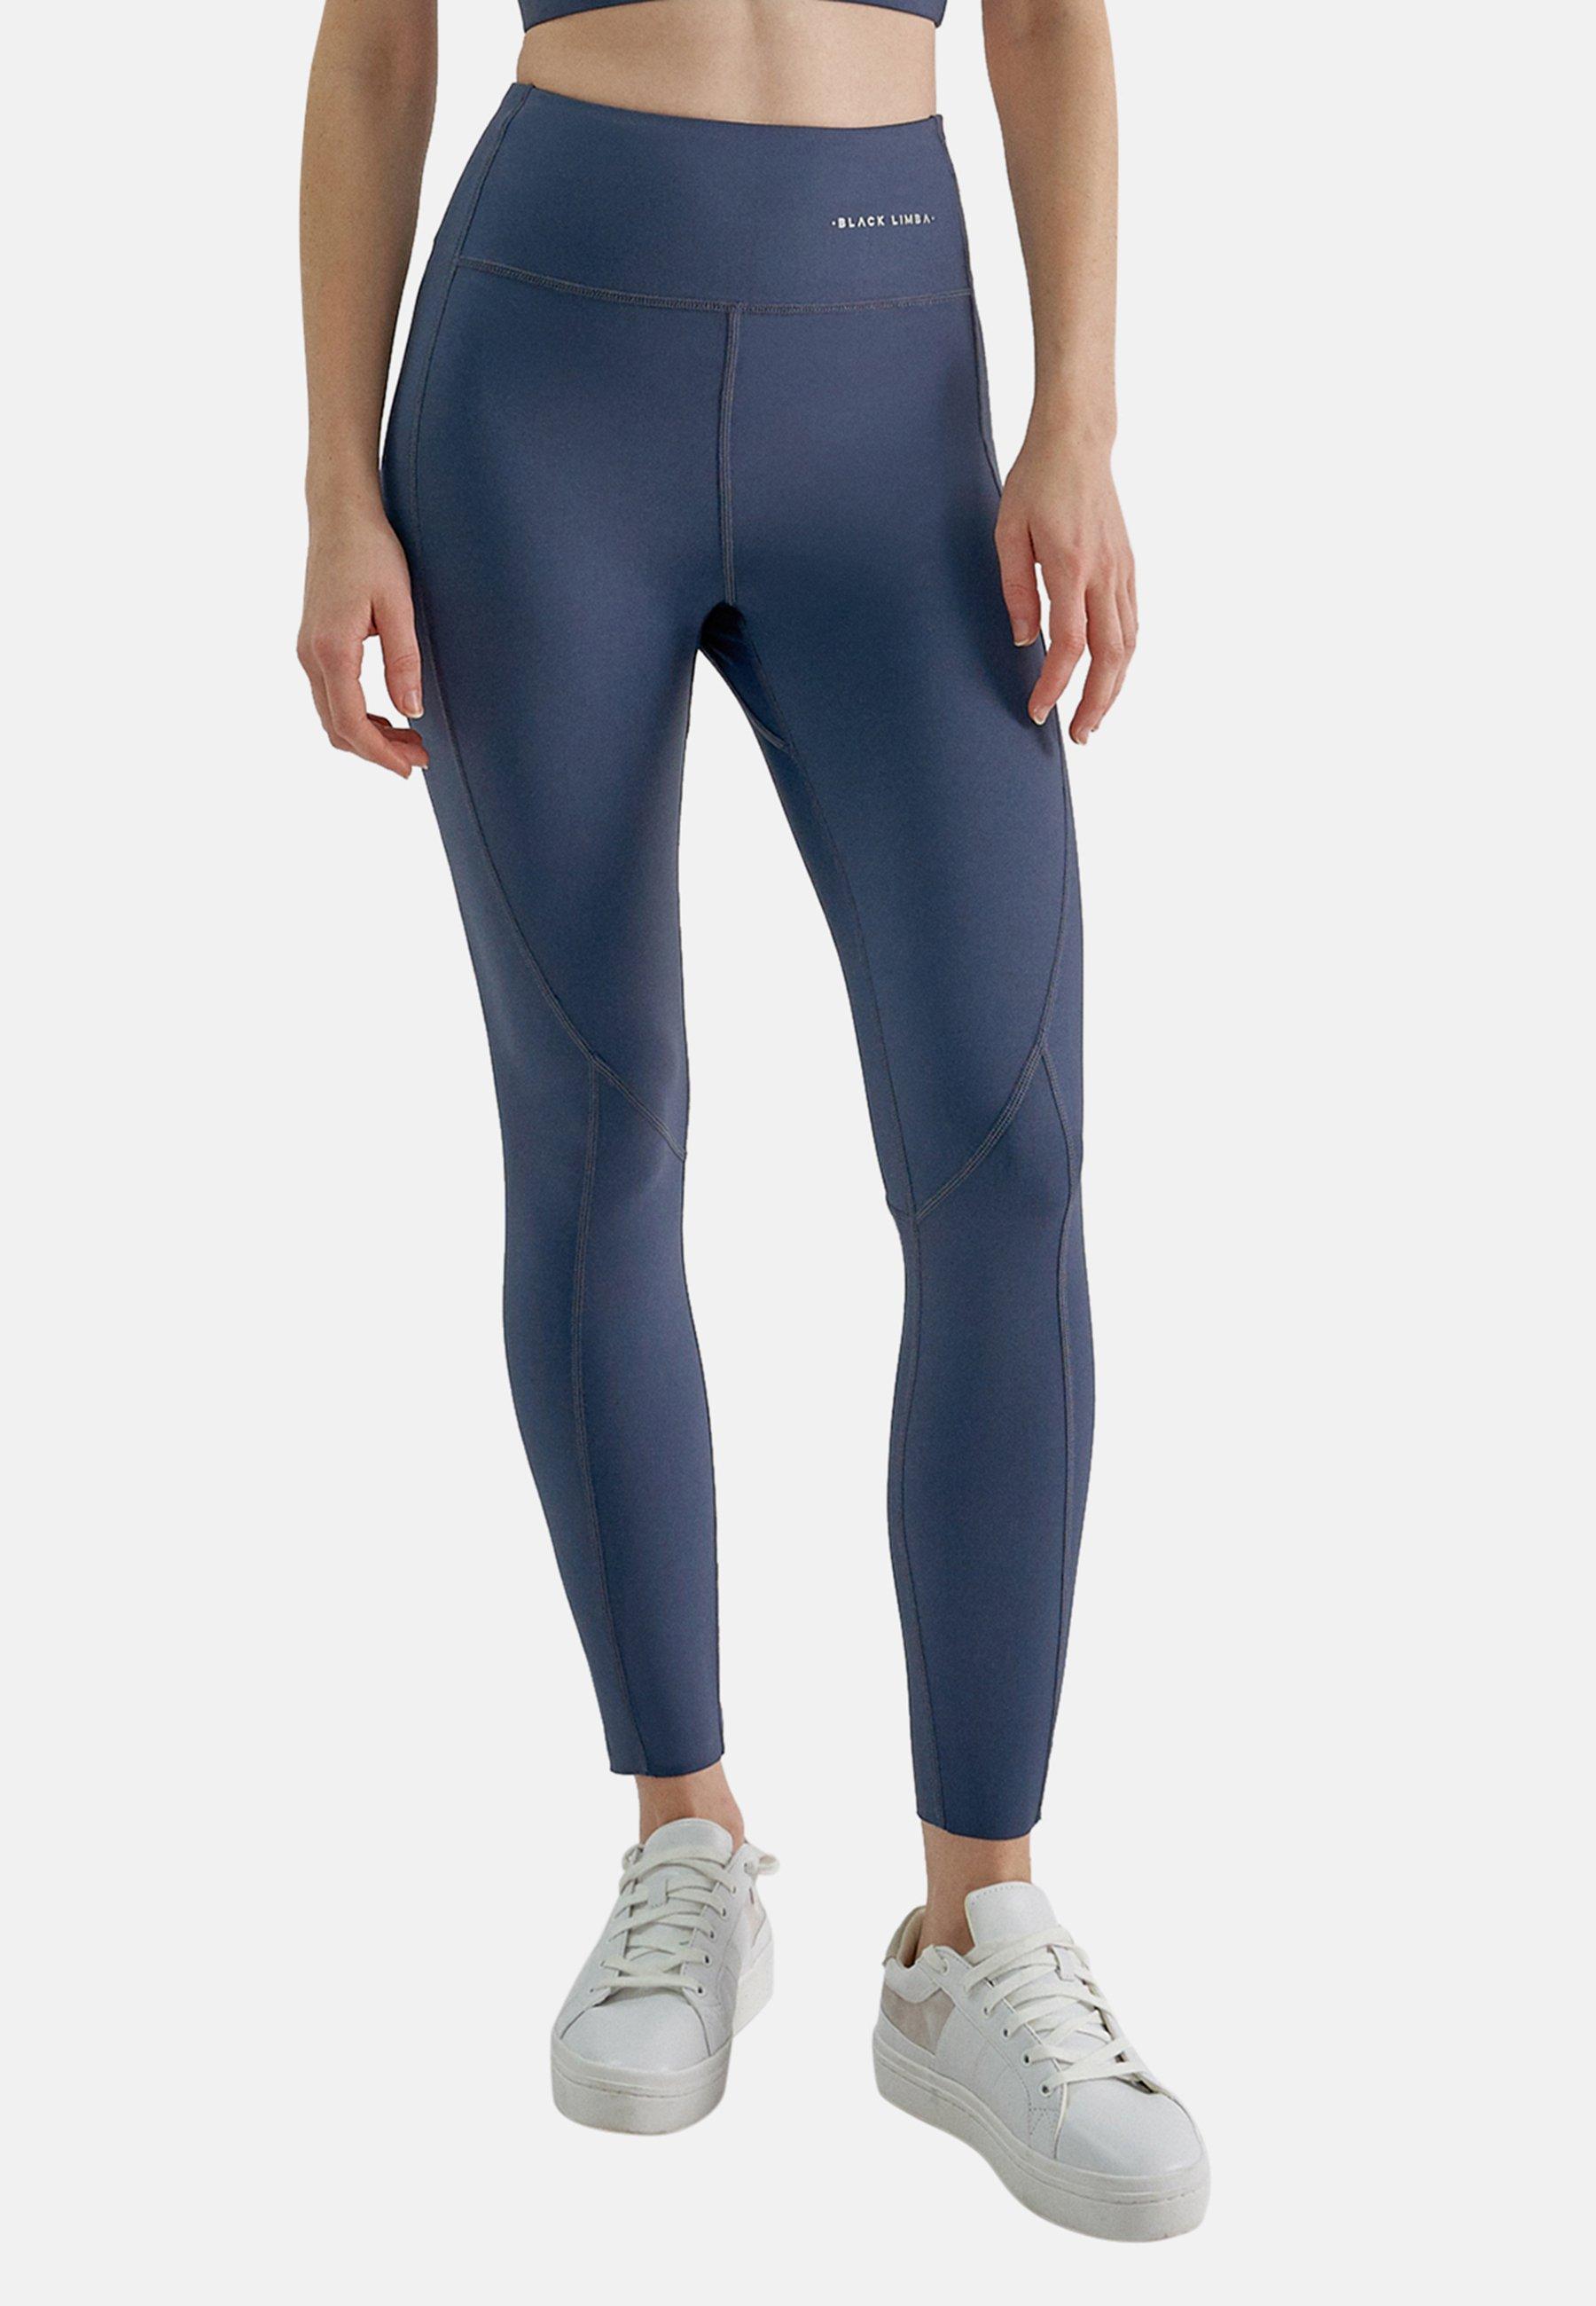 Damen MERAKI - Leggings - Hosen